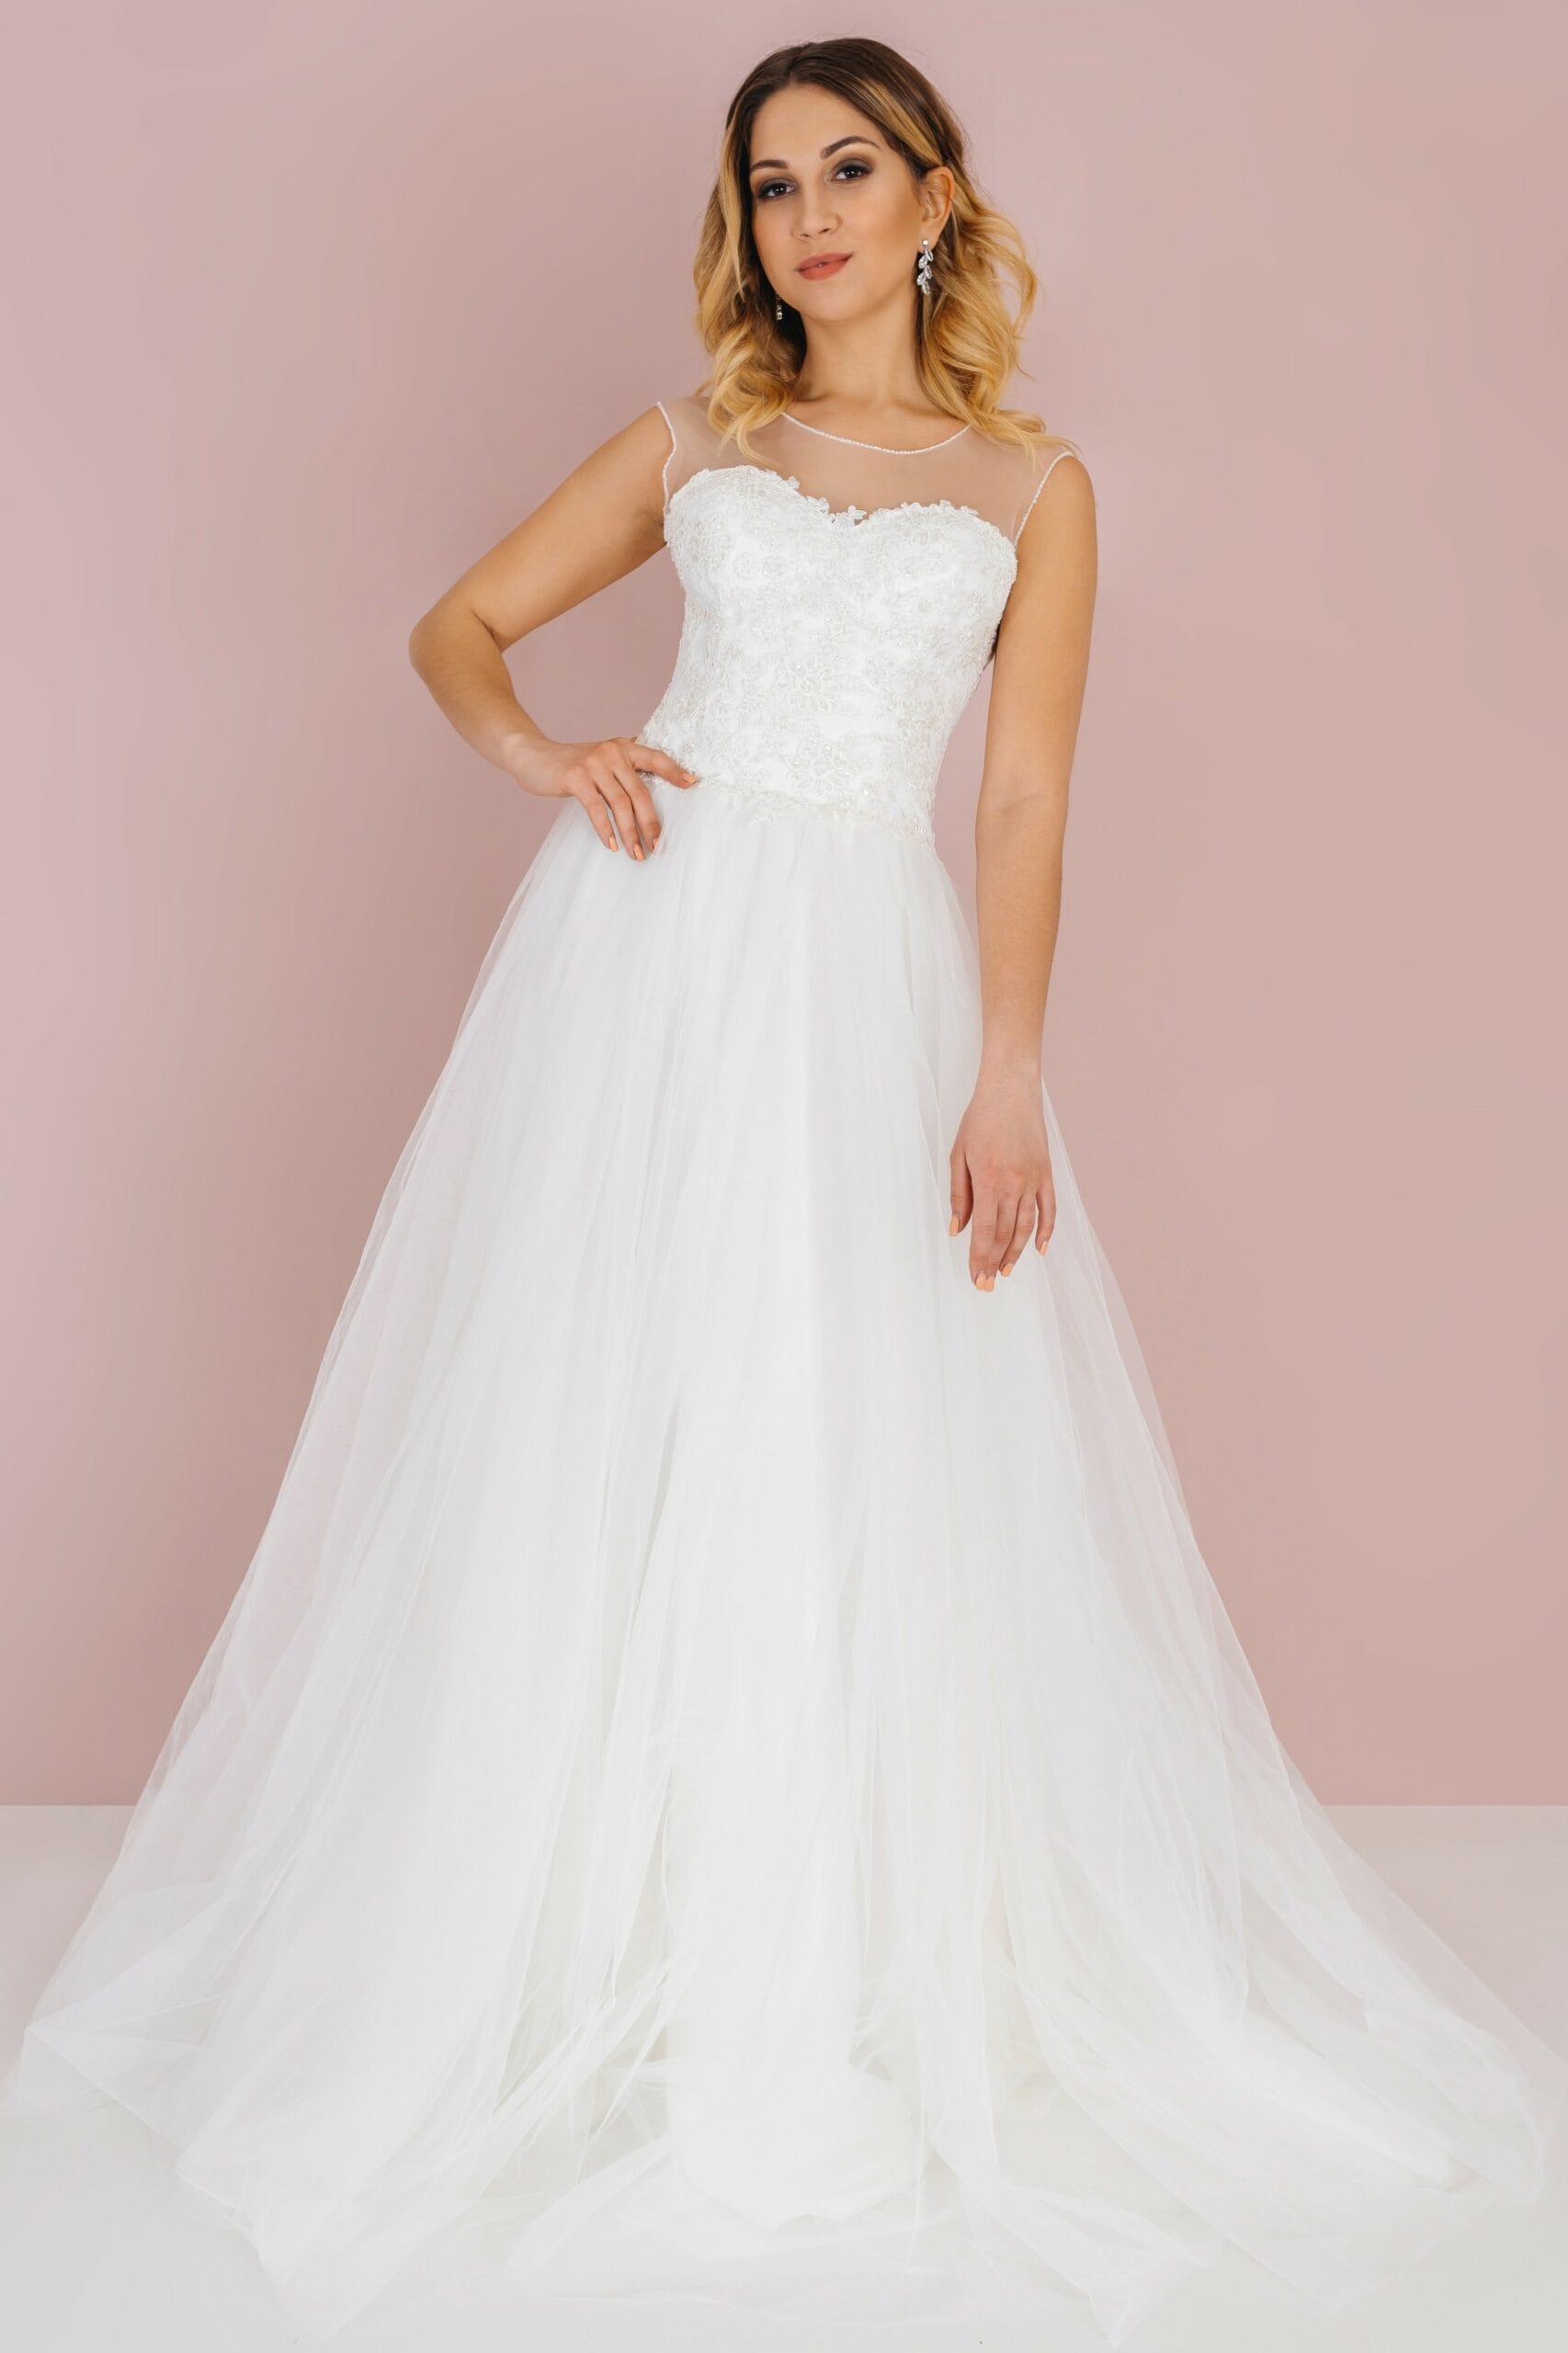 Свадебное платье GRACE, коллекция LOFT, бренд RARE BRIDAL, фото 1